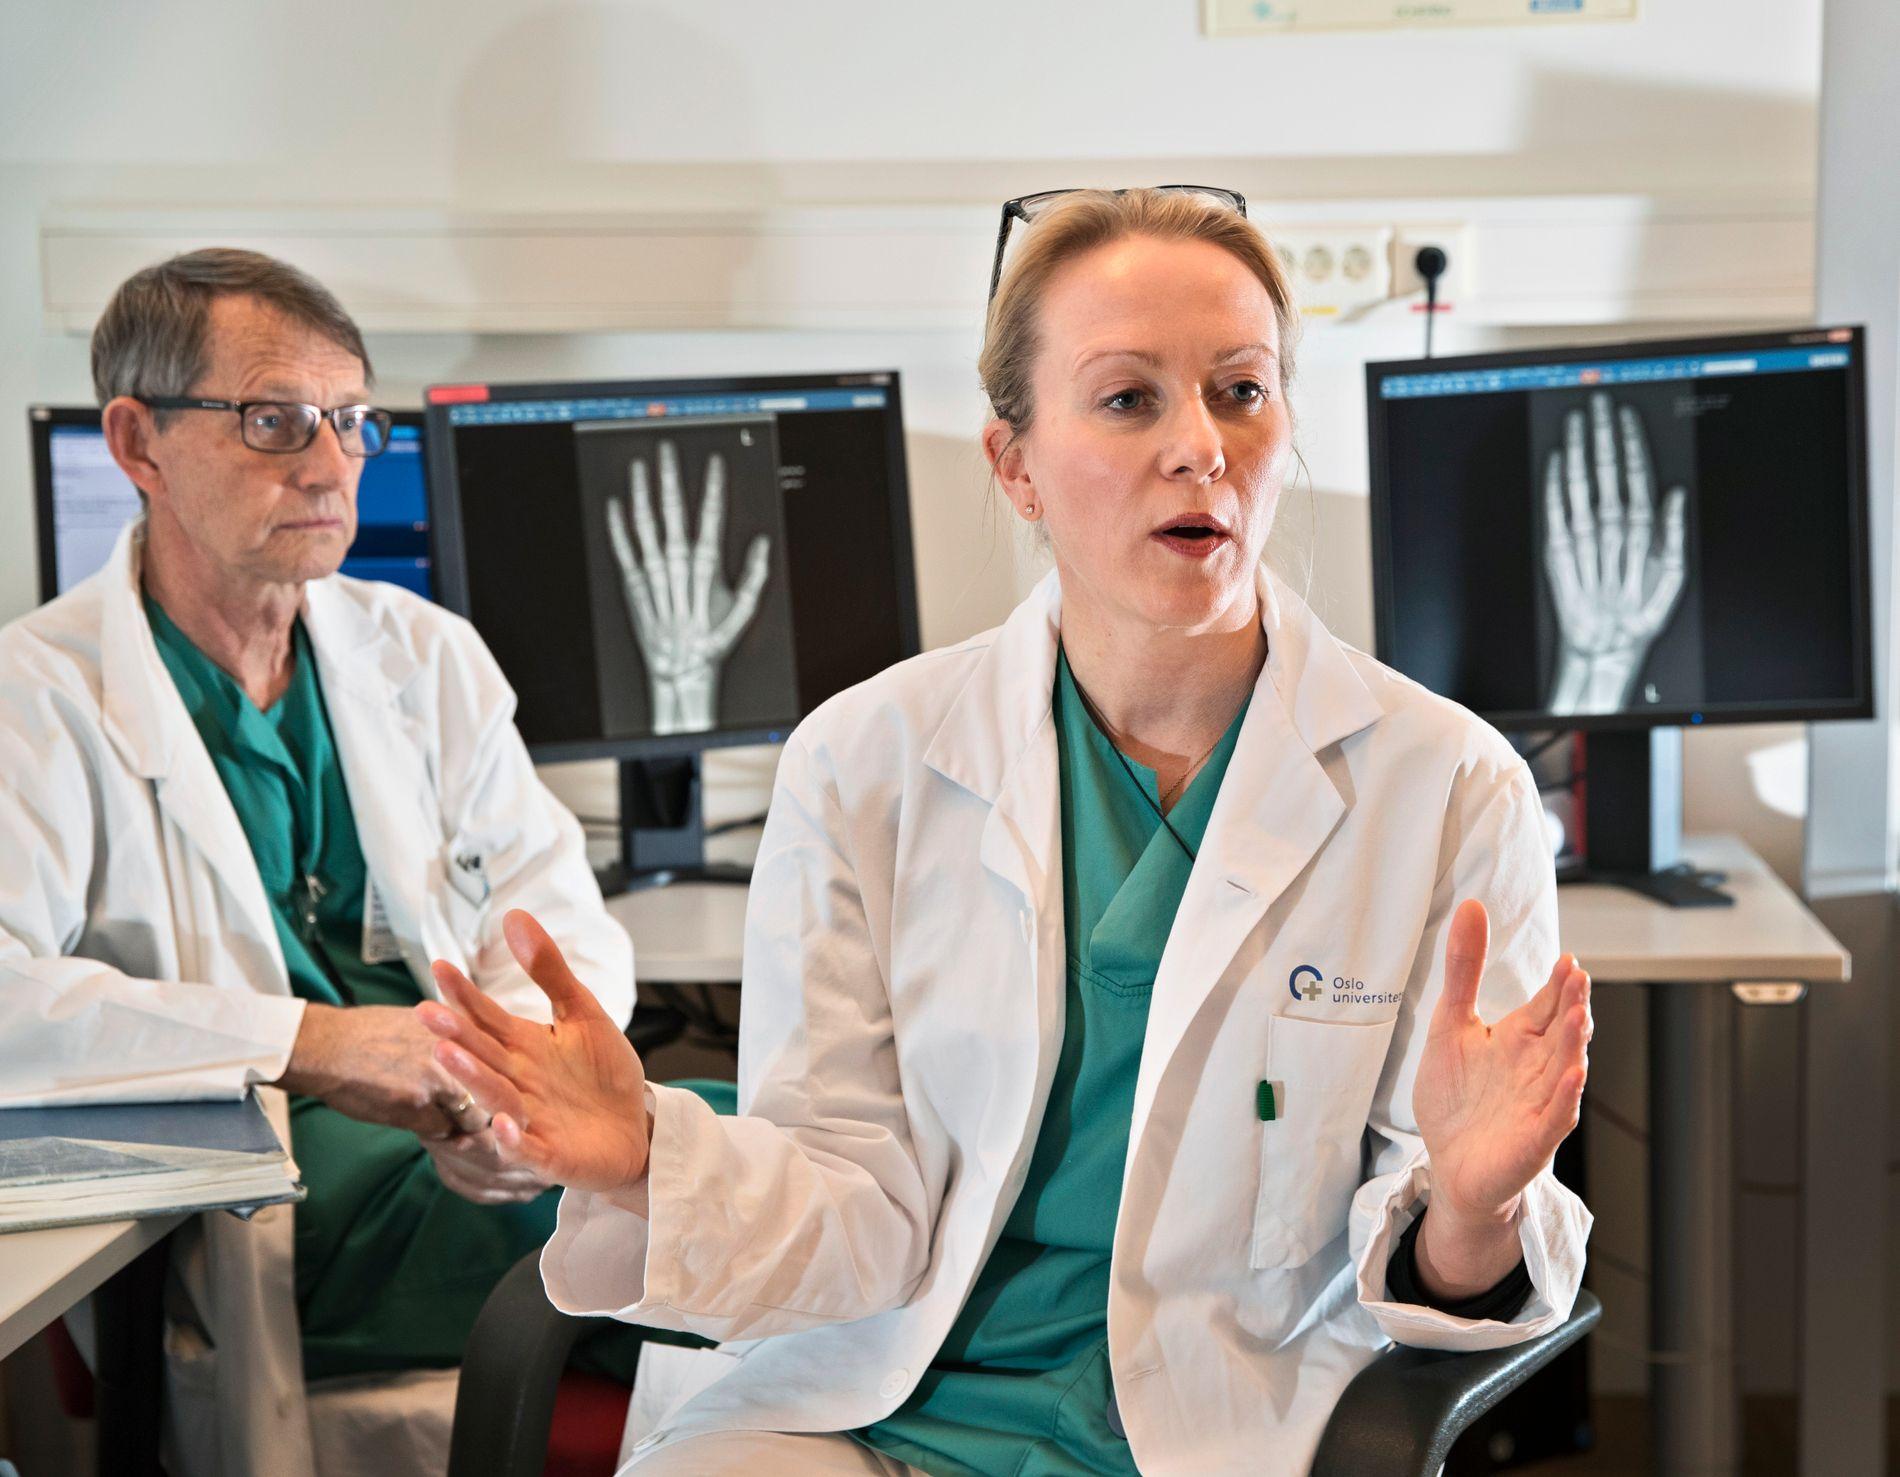 KRITISK: Enslige mindreårige asylsøkere alderstestes med håndrøntgen. Leder Lil-Sofie Ording i Barneradiologisk Forening og overlege Jostein Westvik sier at et samlet legemiljø mener metoden som brukes er uegnet.